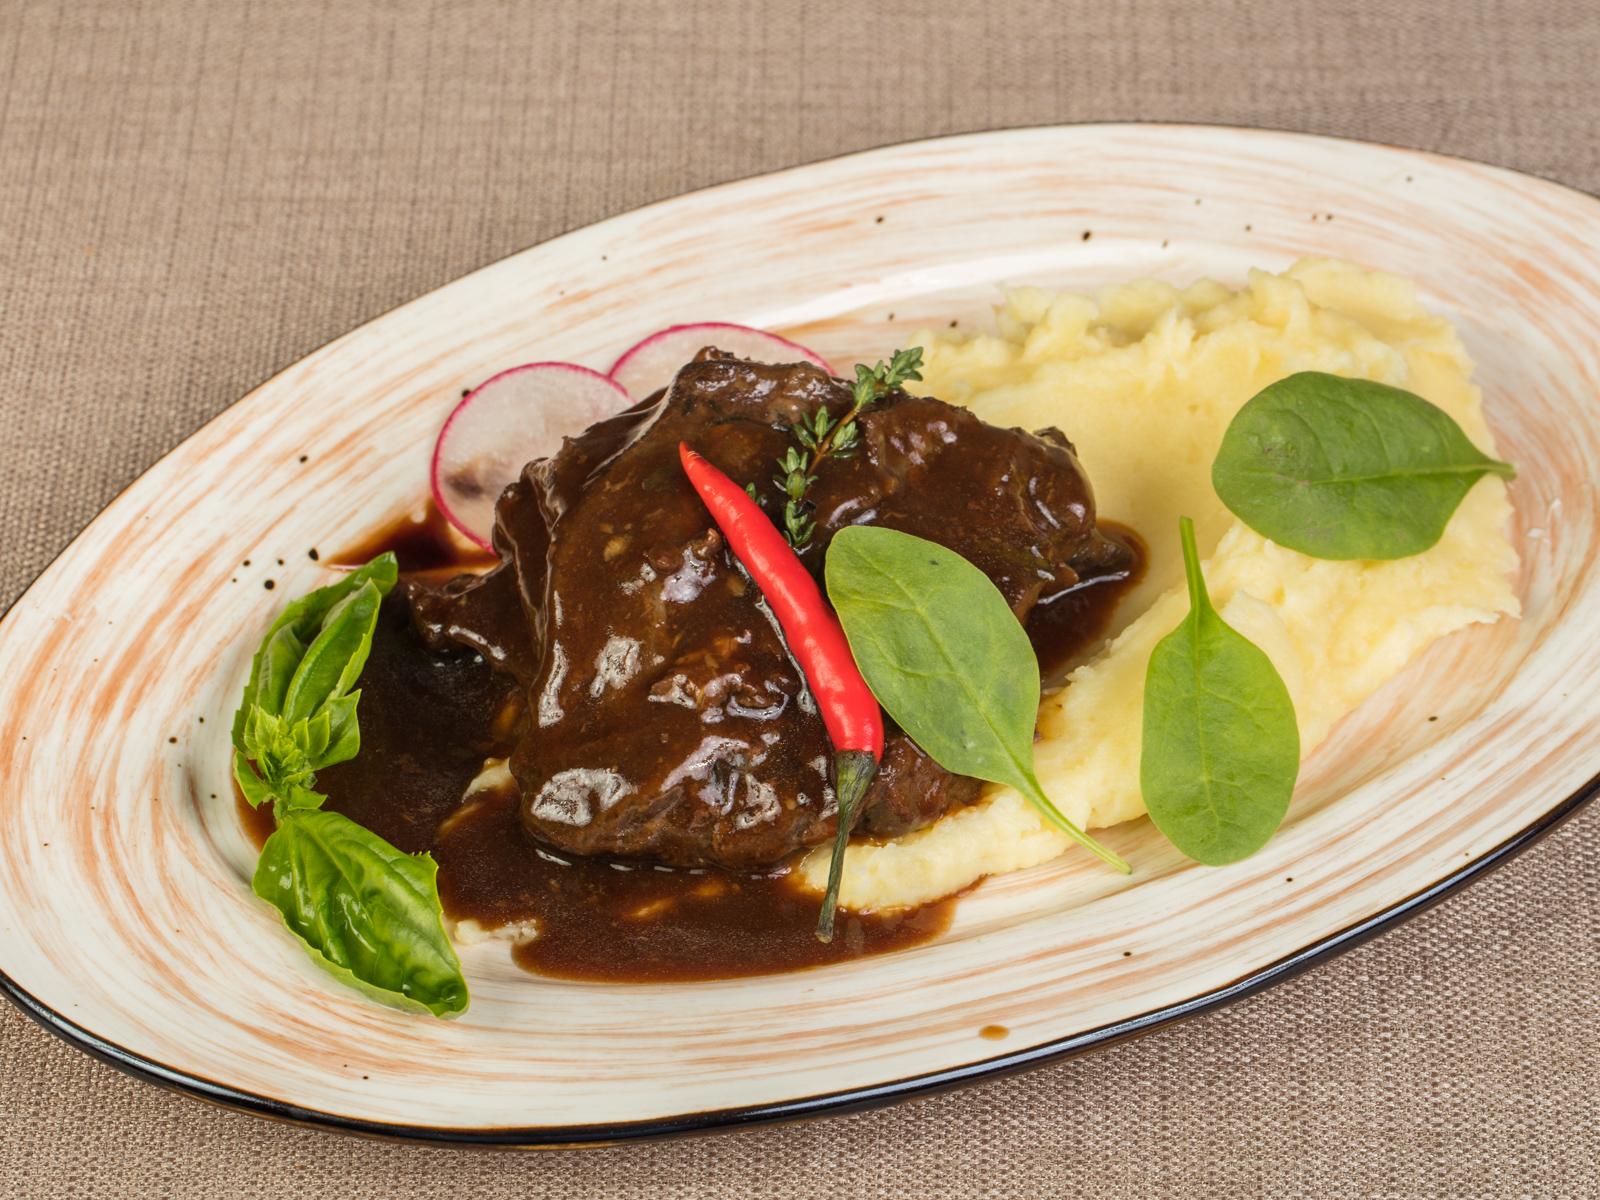 Томленые телячьи щечки в мясном соусе Демиглас с картофельным пюре